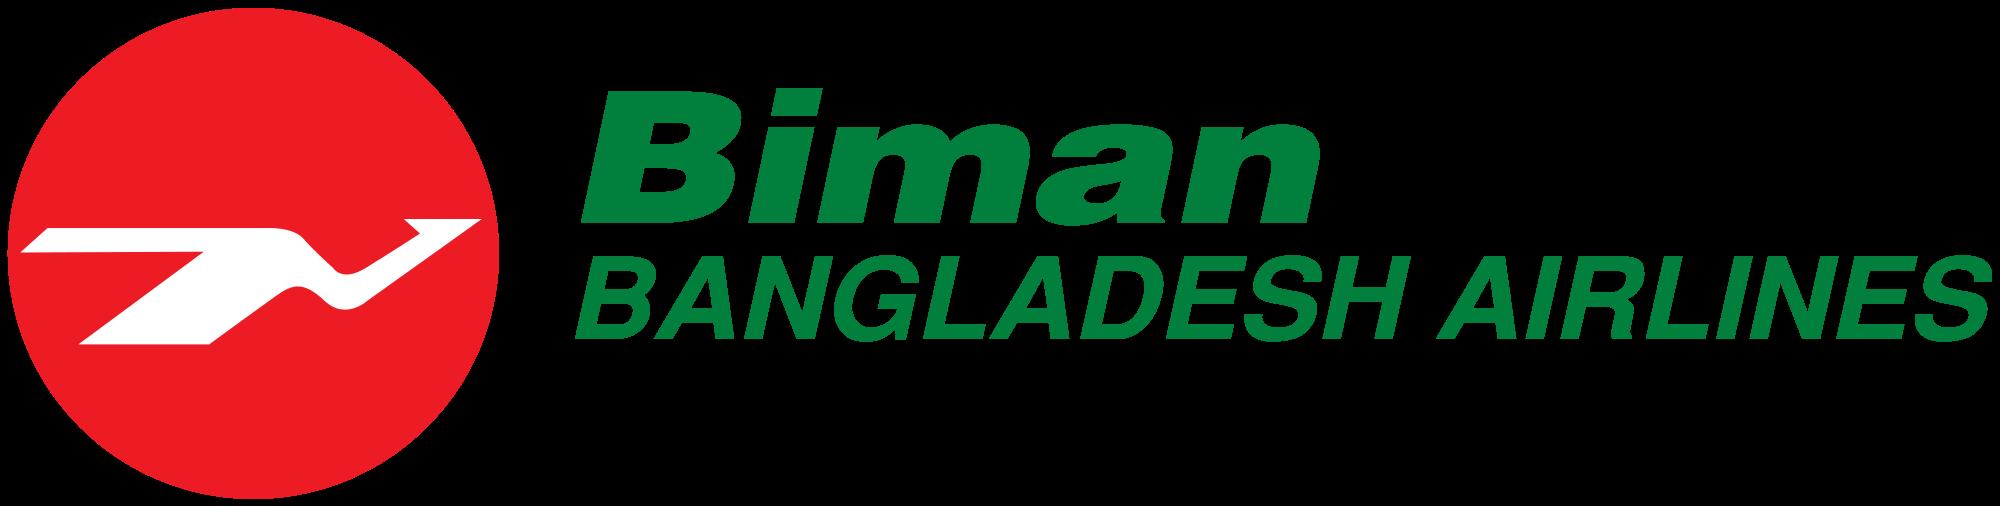 Biman_Bangladesh_Airlines_Logo